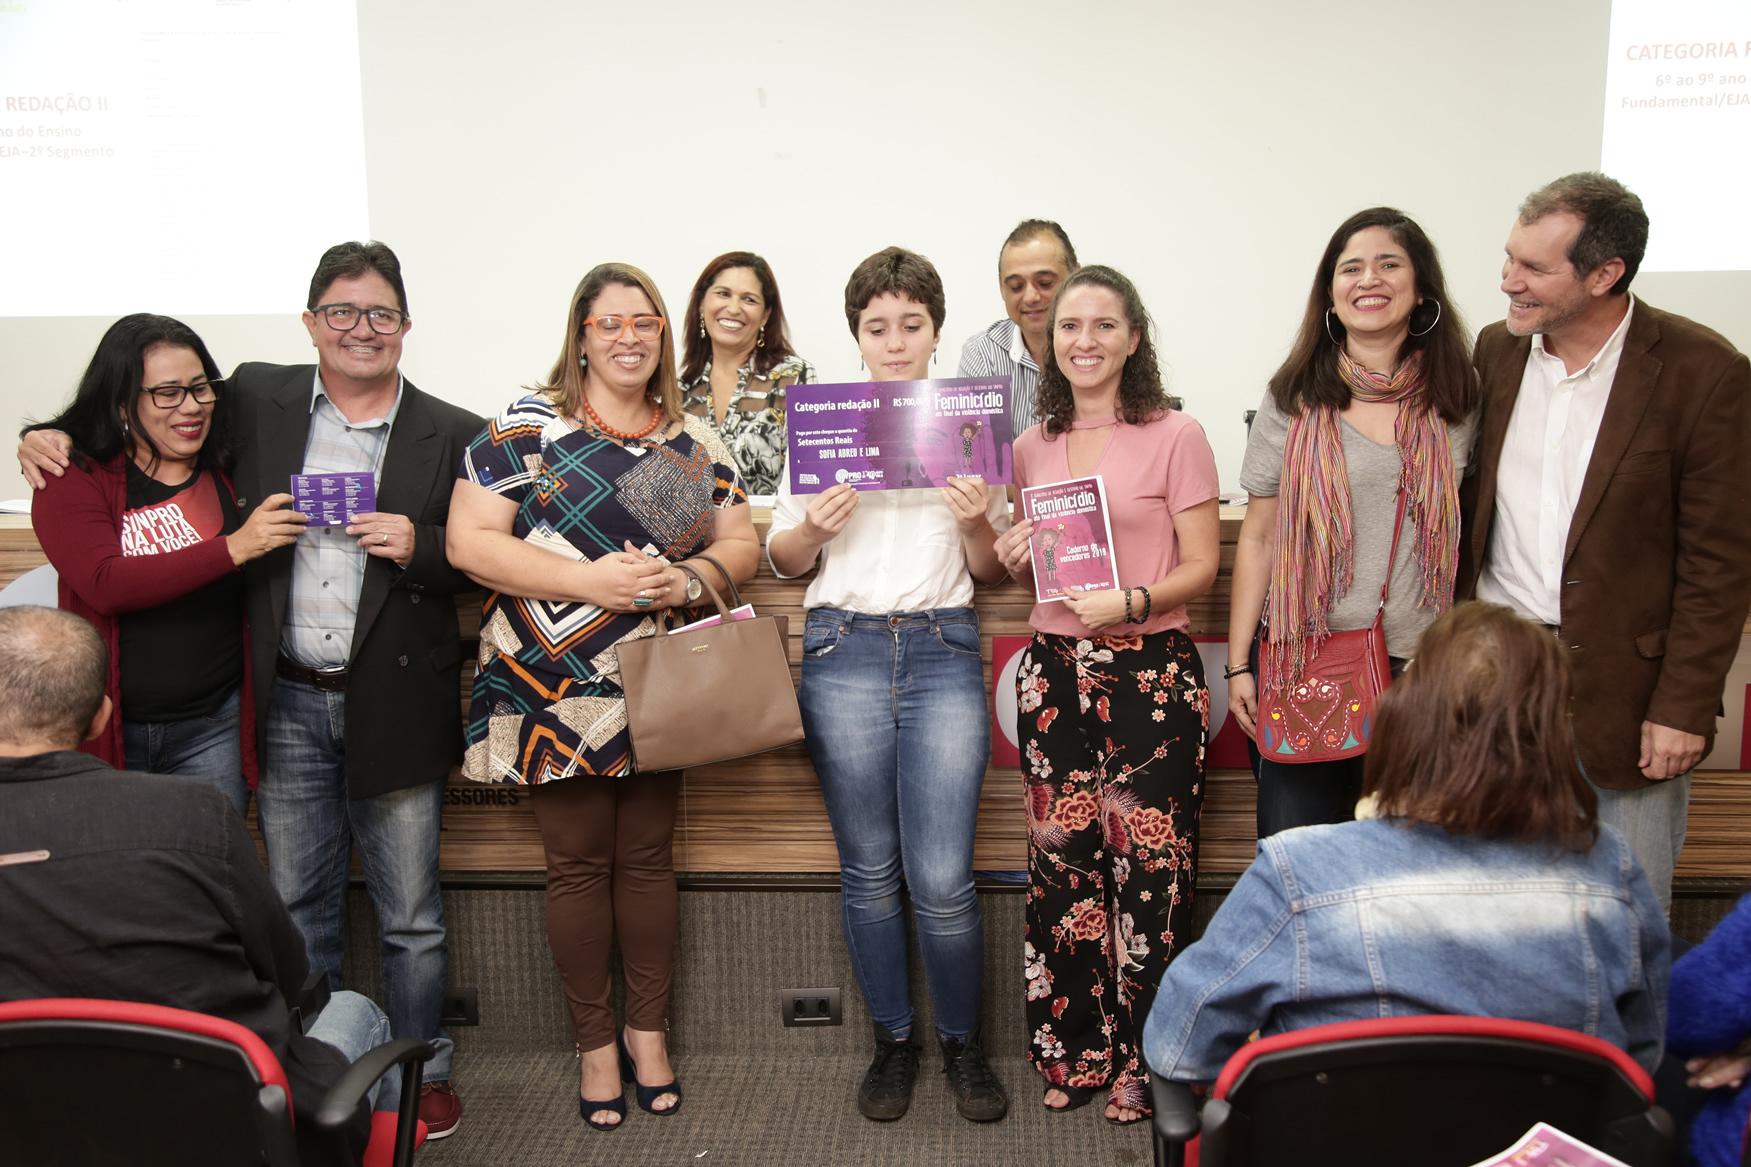 2019.05.19-Premiacao-do-X-Concurso-de-Redacao-do-Sinpro-DF_fotos-ECOM-28